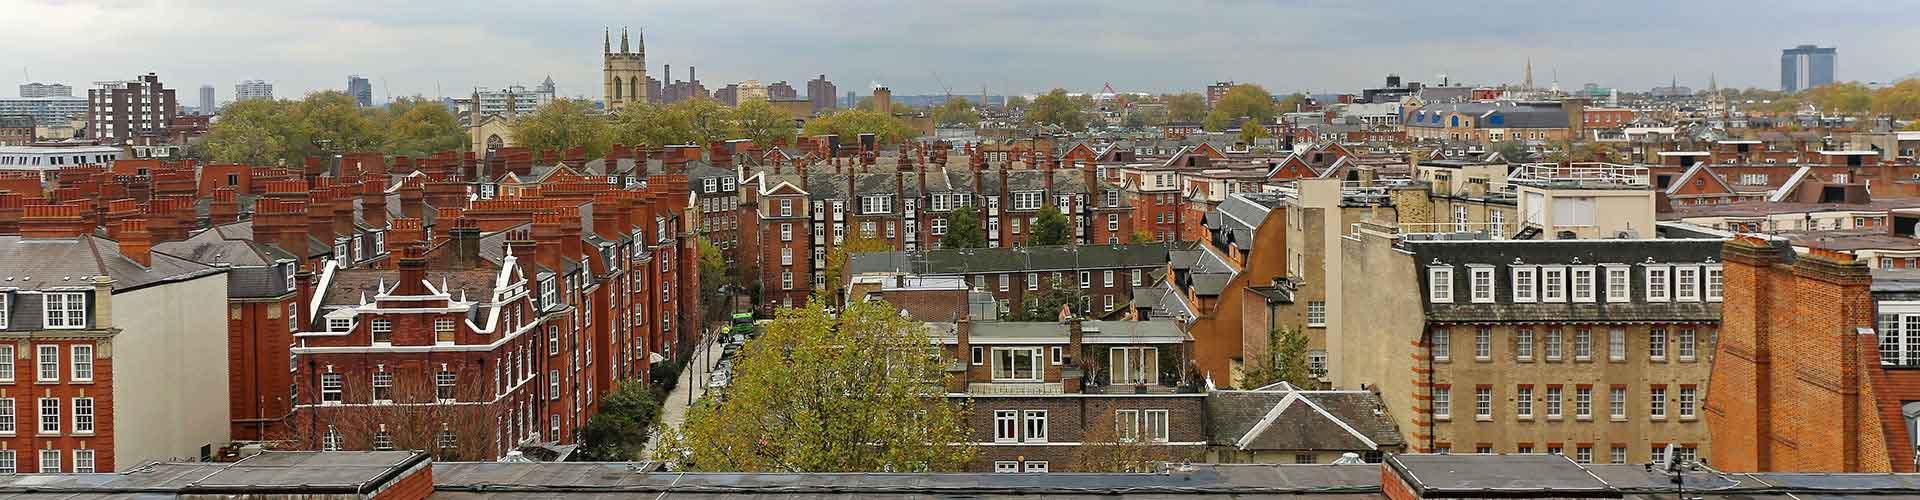 Londres - Auberges de jeunesse dans le quartier de Kensington Sud. Cartes pour Londres, photos et commentaires pour chaque auberge de jeunesse à Londres.